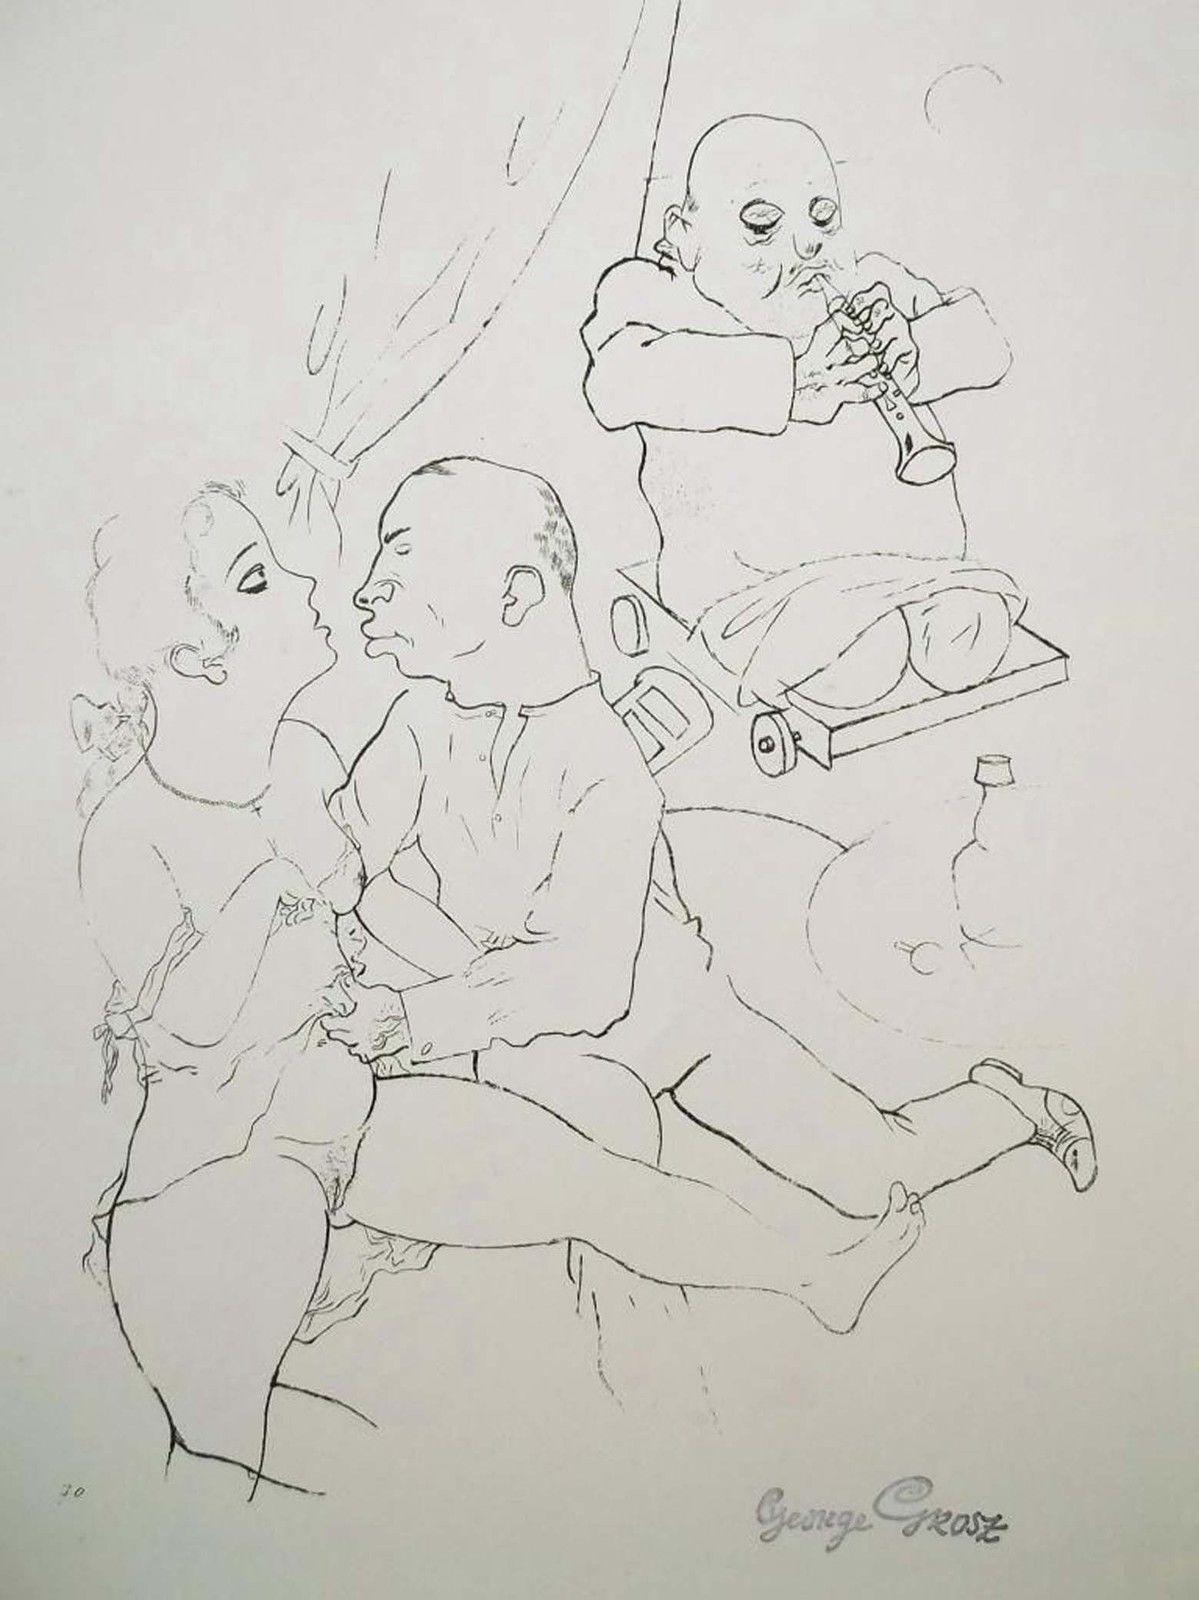 George Grosz Art – 1923 Litho Print 'Ständchen'